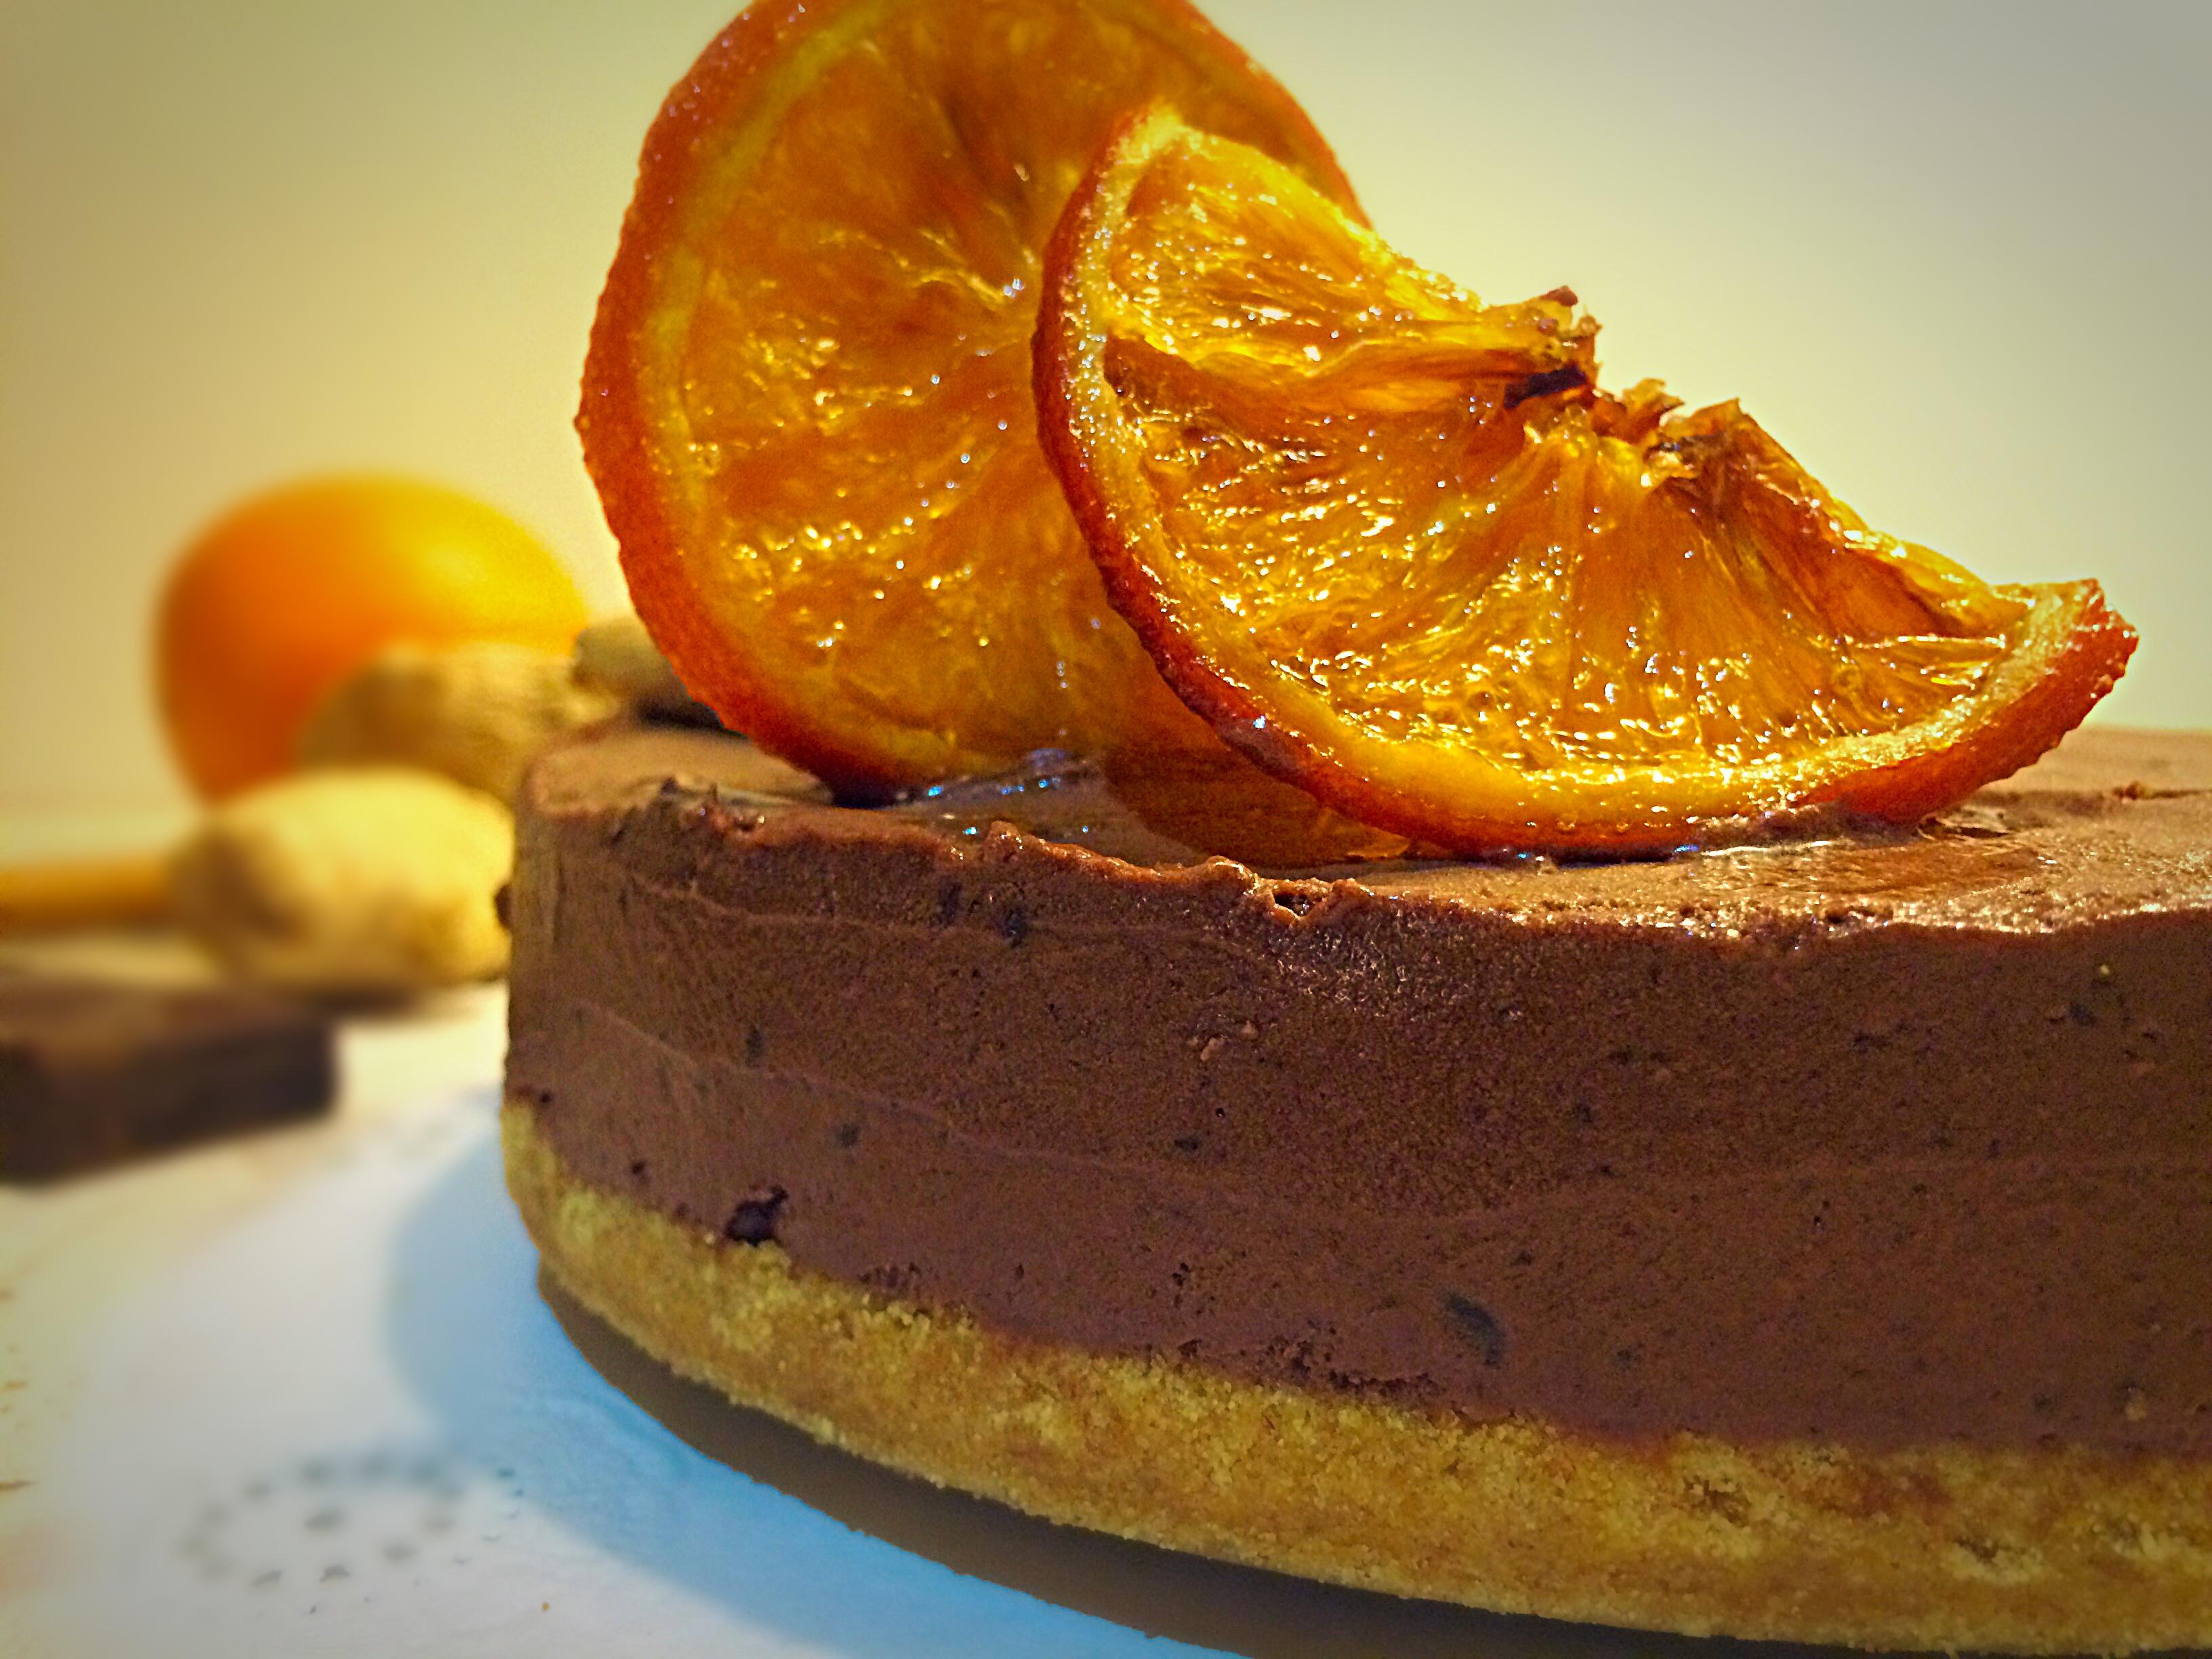 Mousse de chocolate y jengibre relleno de dulce de naranja